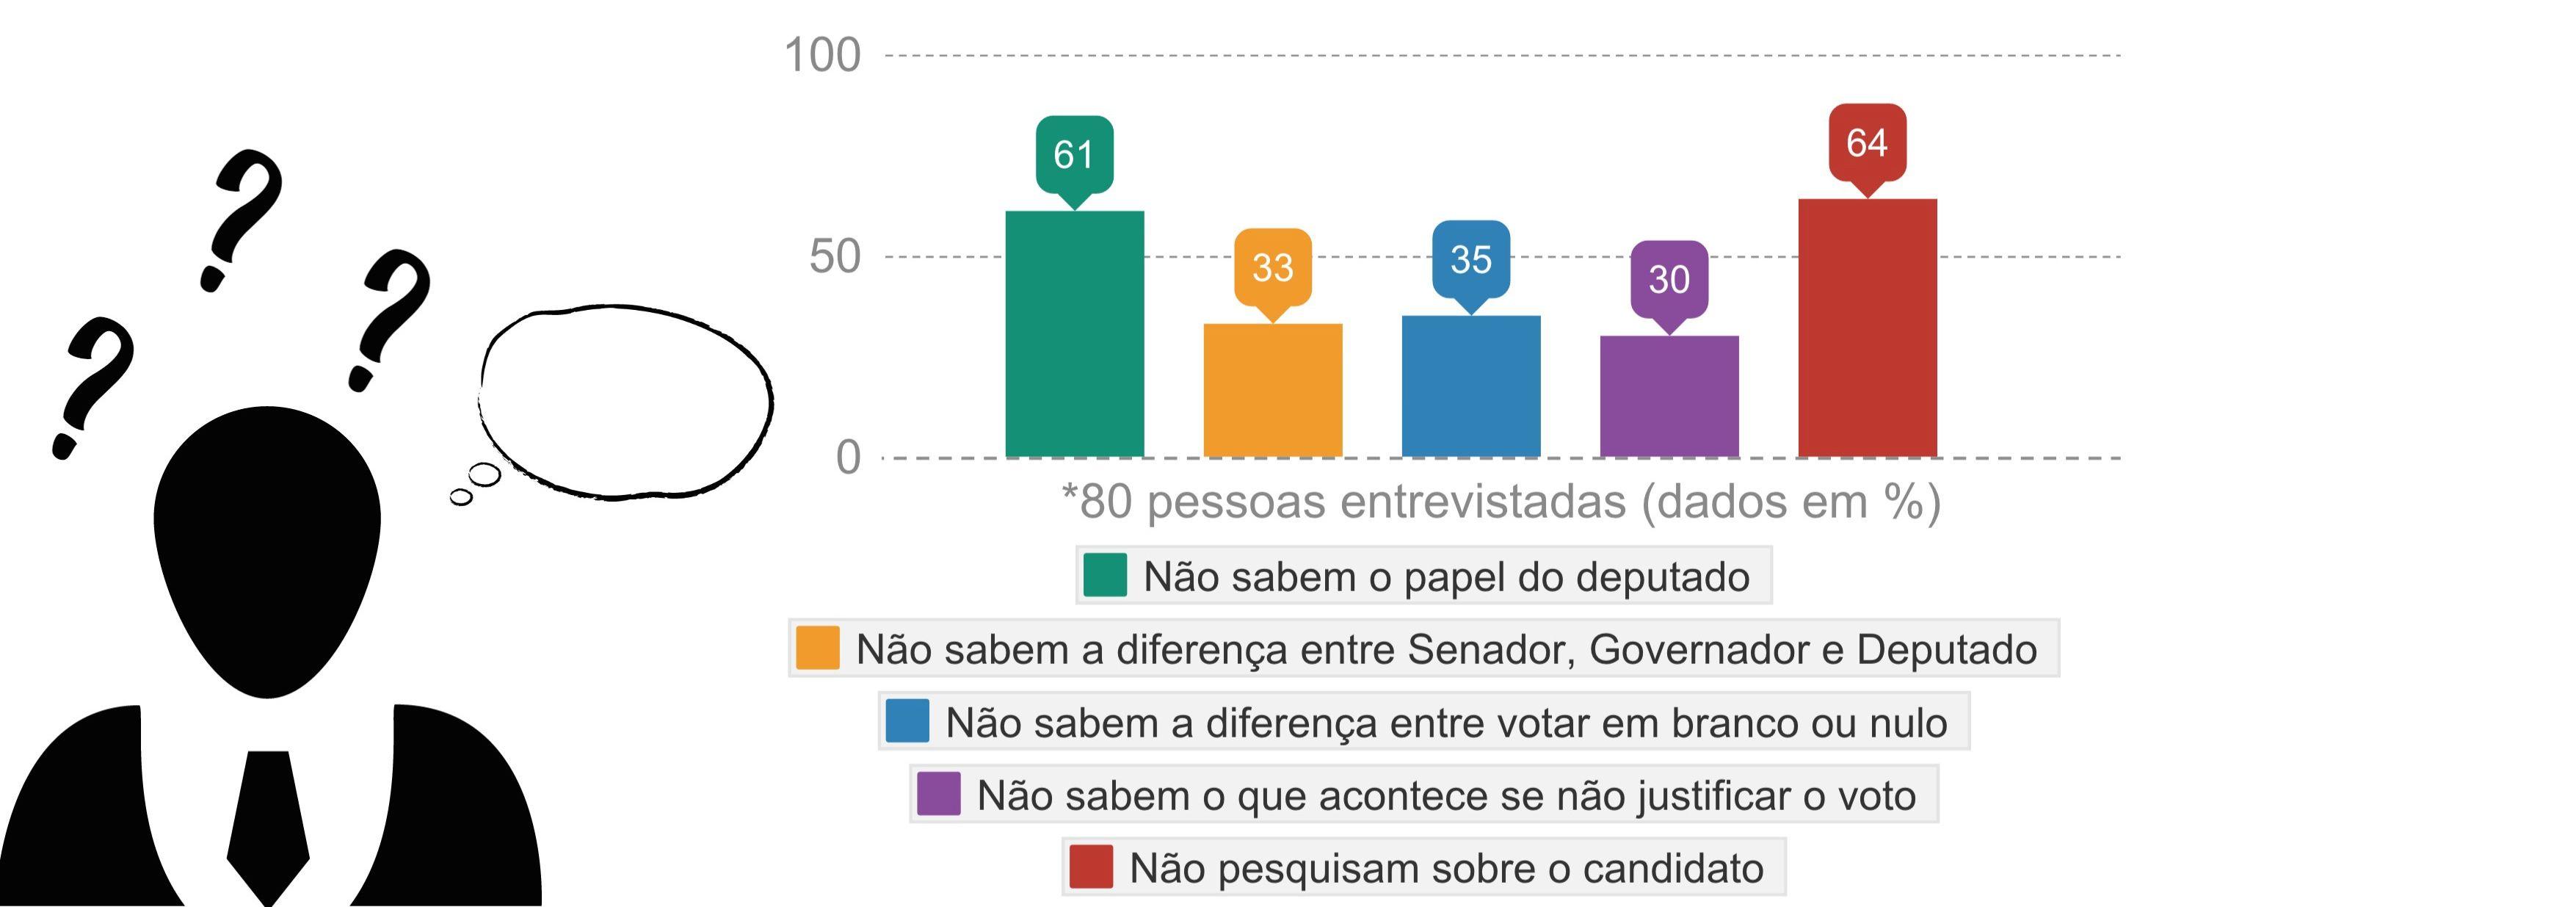 Dúvidas nas eleições (1)